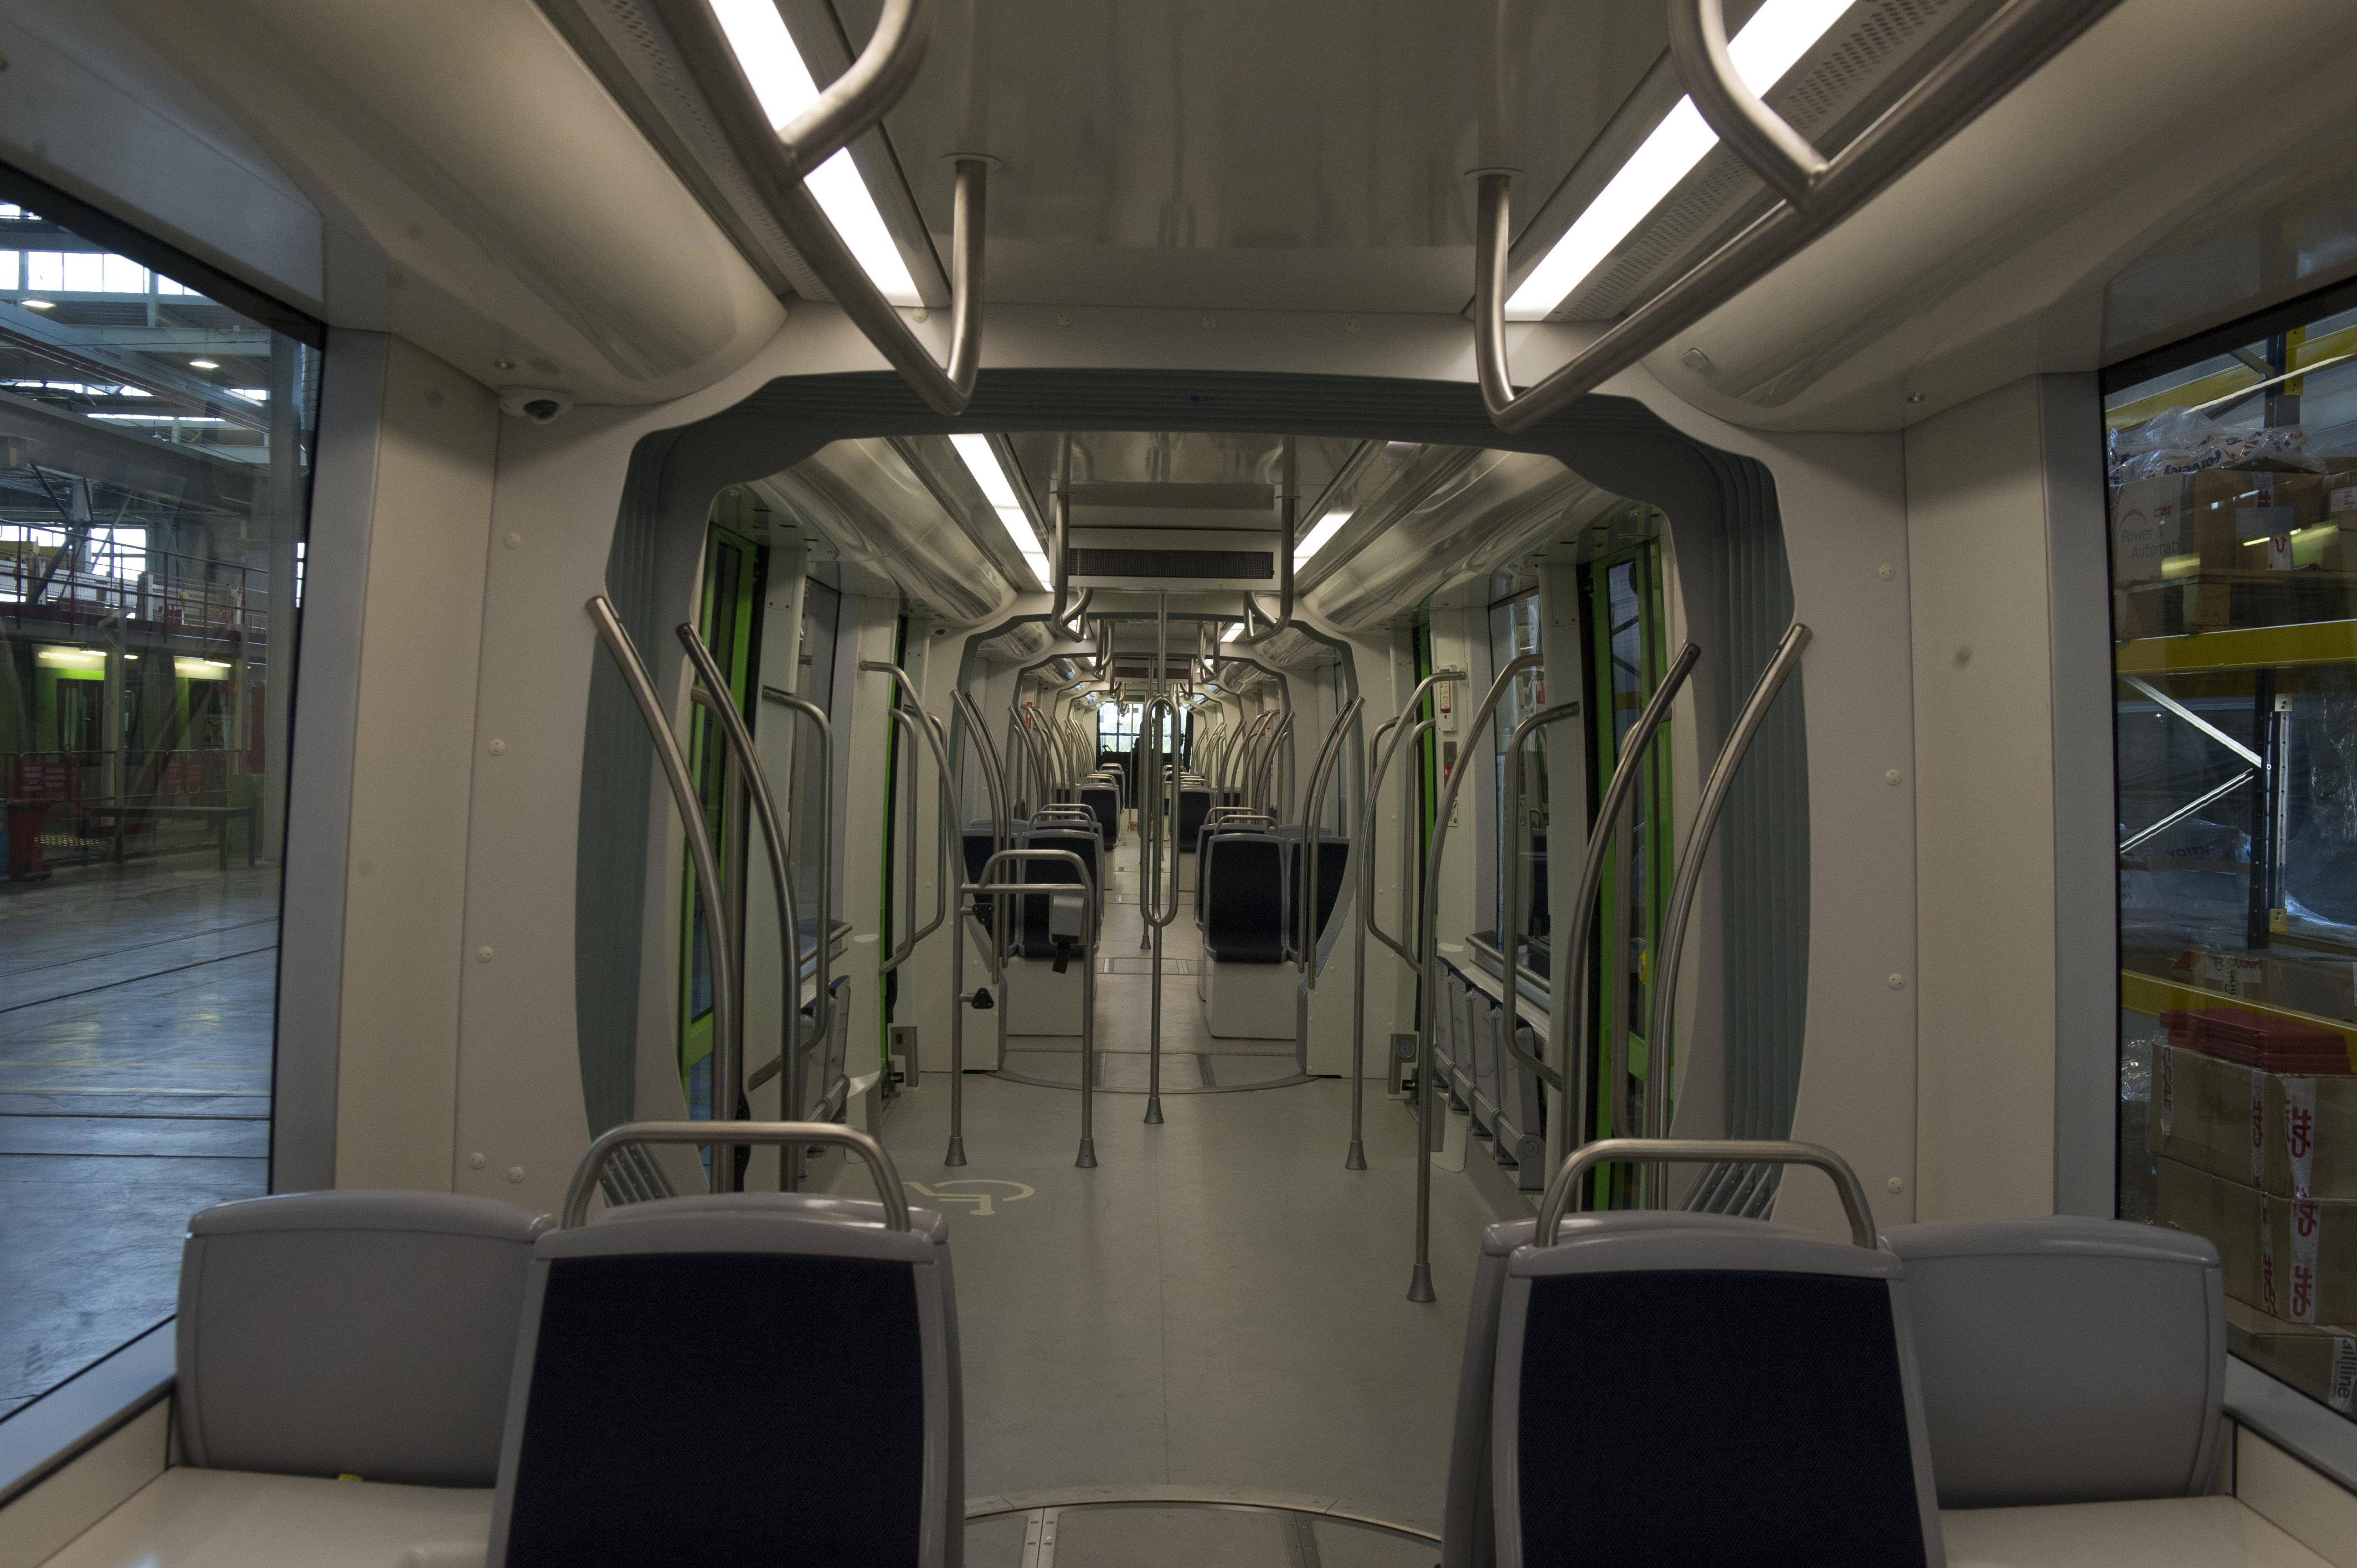 Visita_para_conocer_el_primer_tranv_a_extralargo_de_Vitoria-Gasteiz20191209_3066.jpg